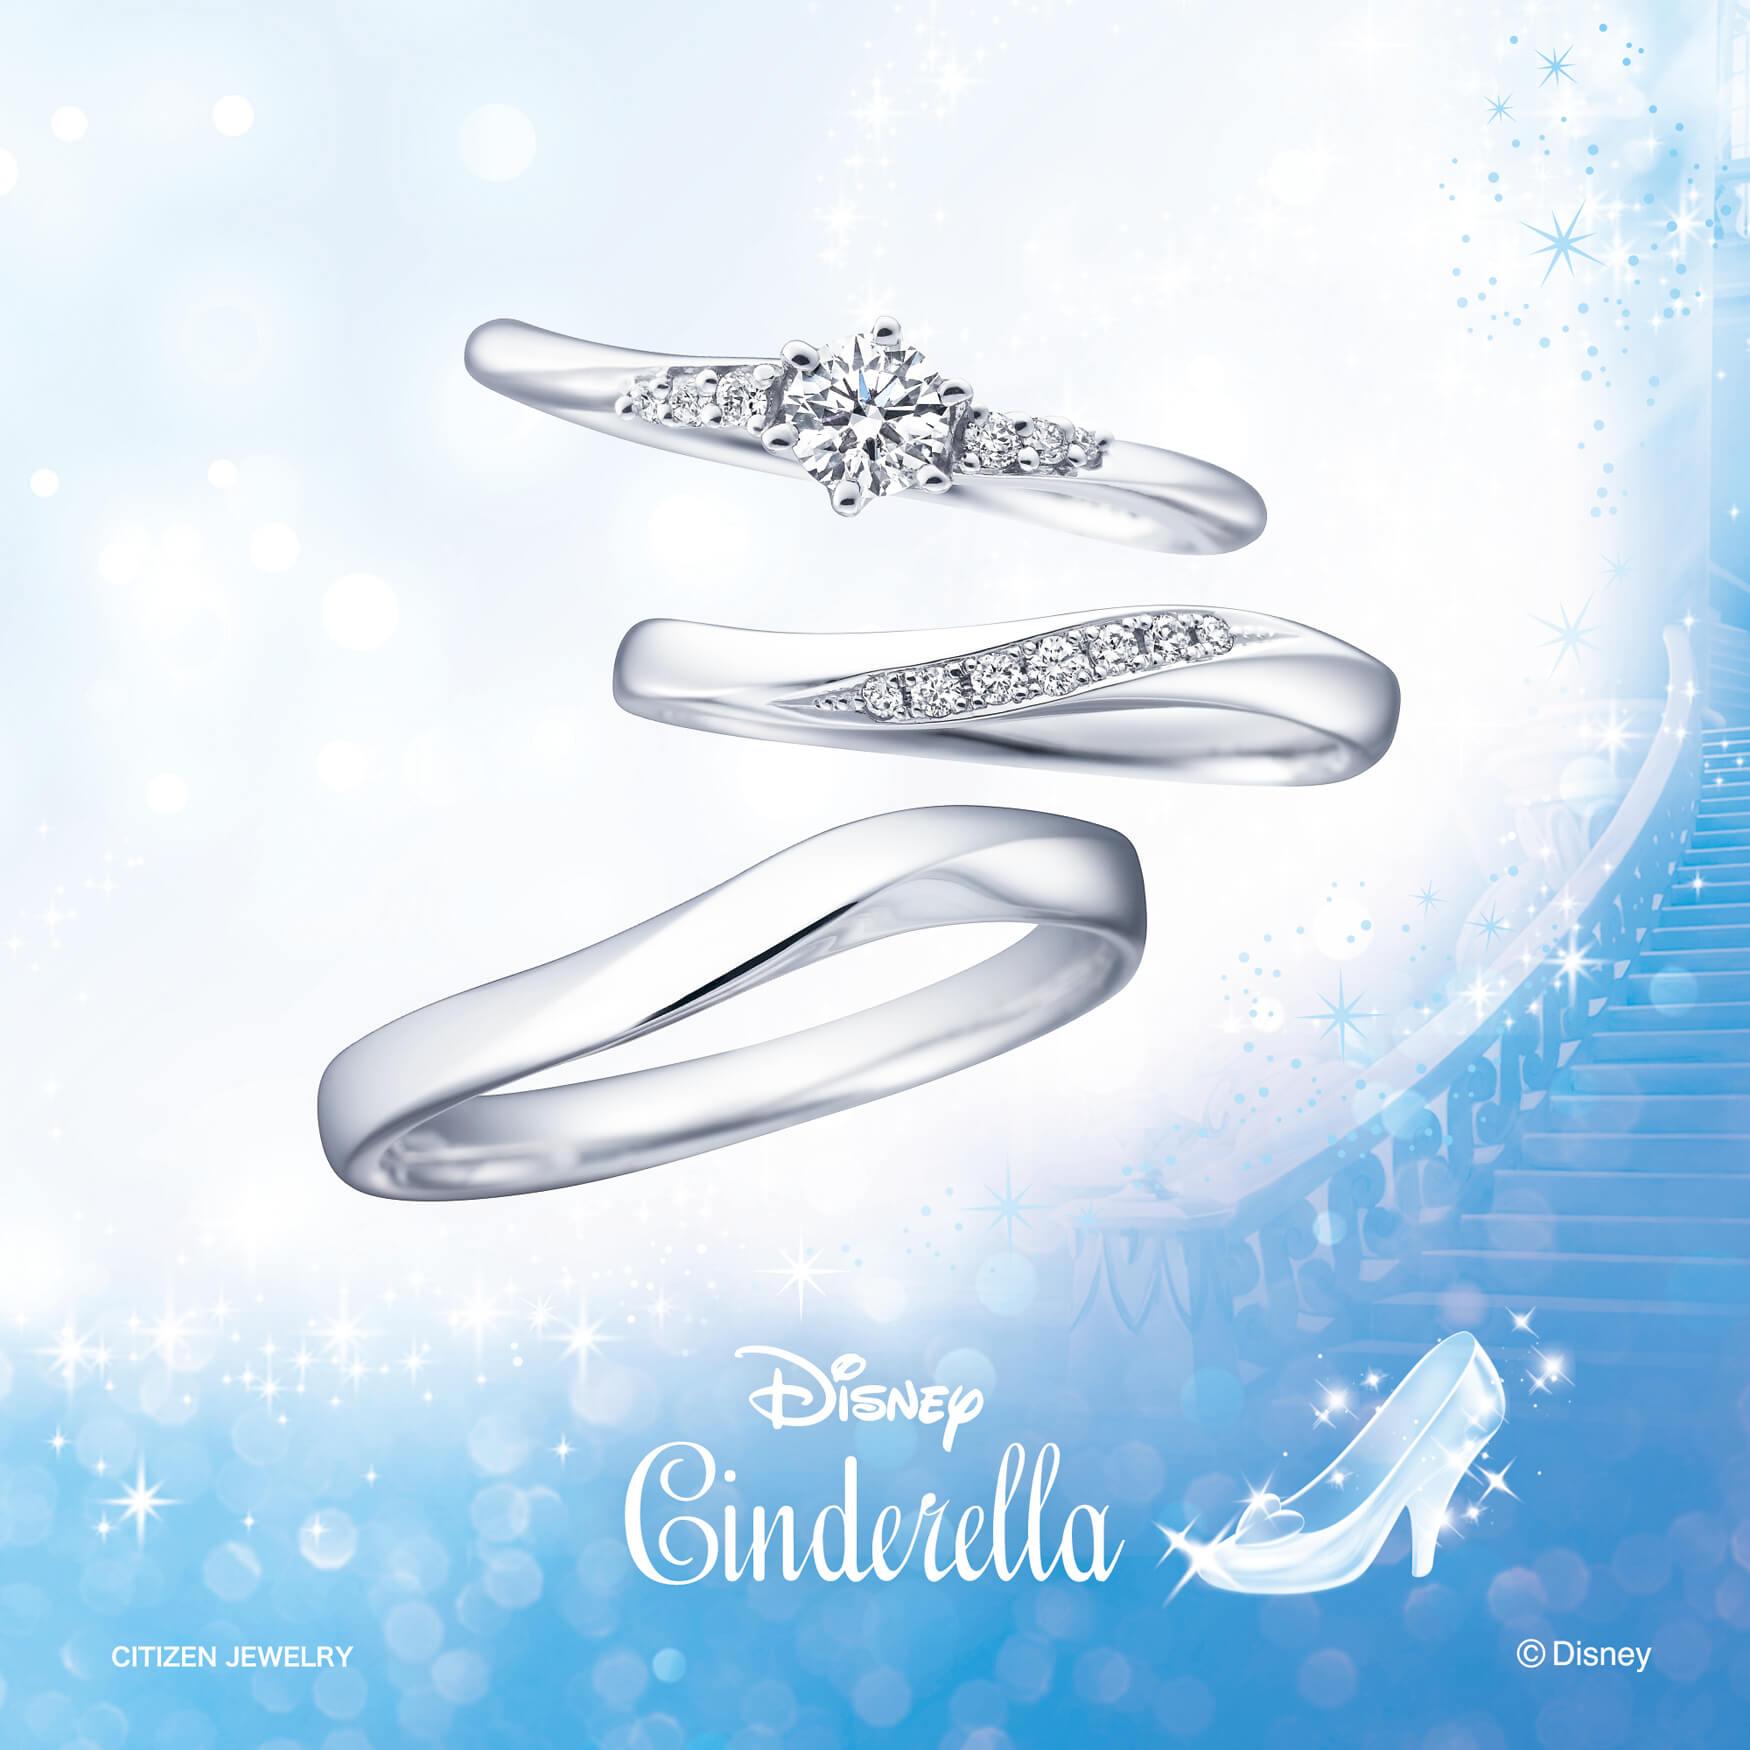 銀座・柏・直方の婚約指輪Disney Cinderella(ディズニーシンデレラ)_02